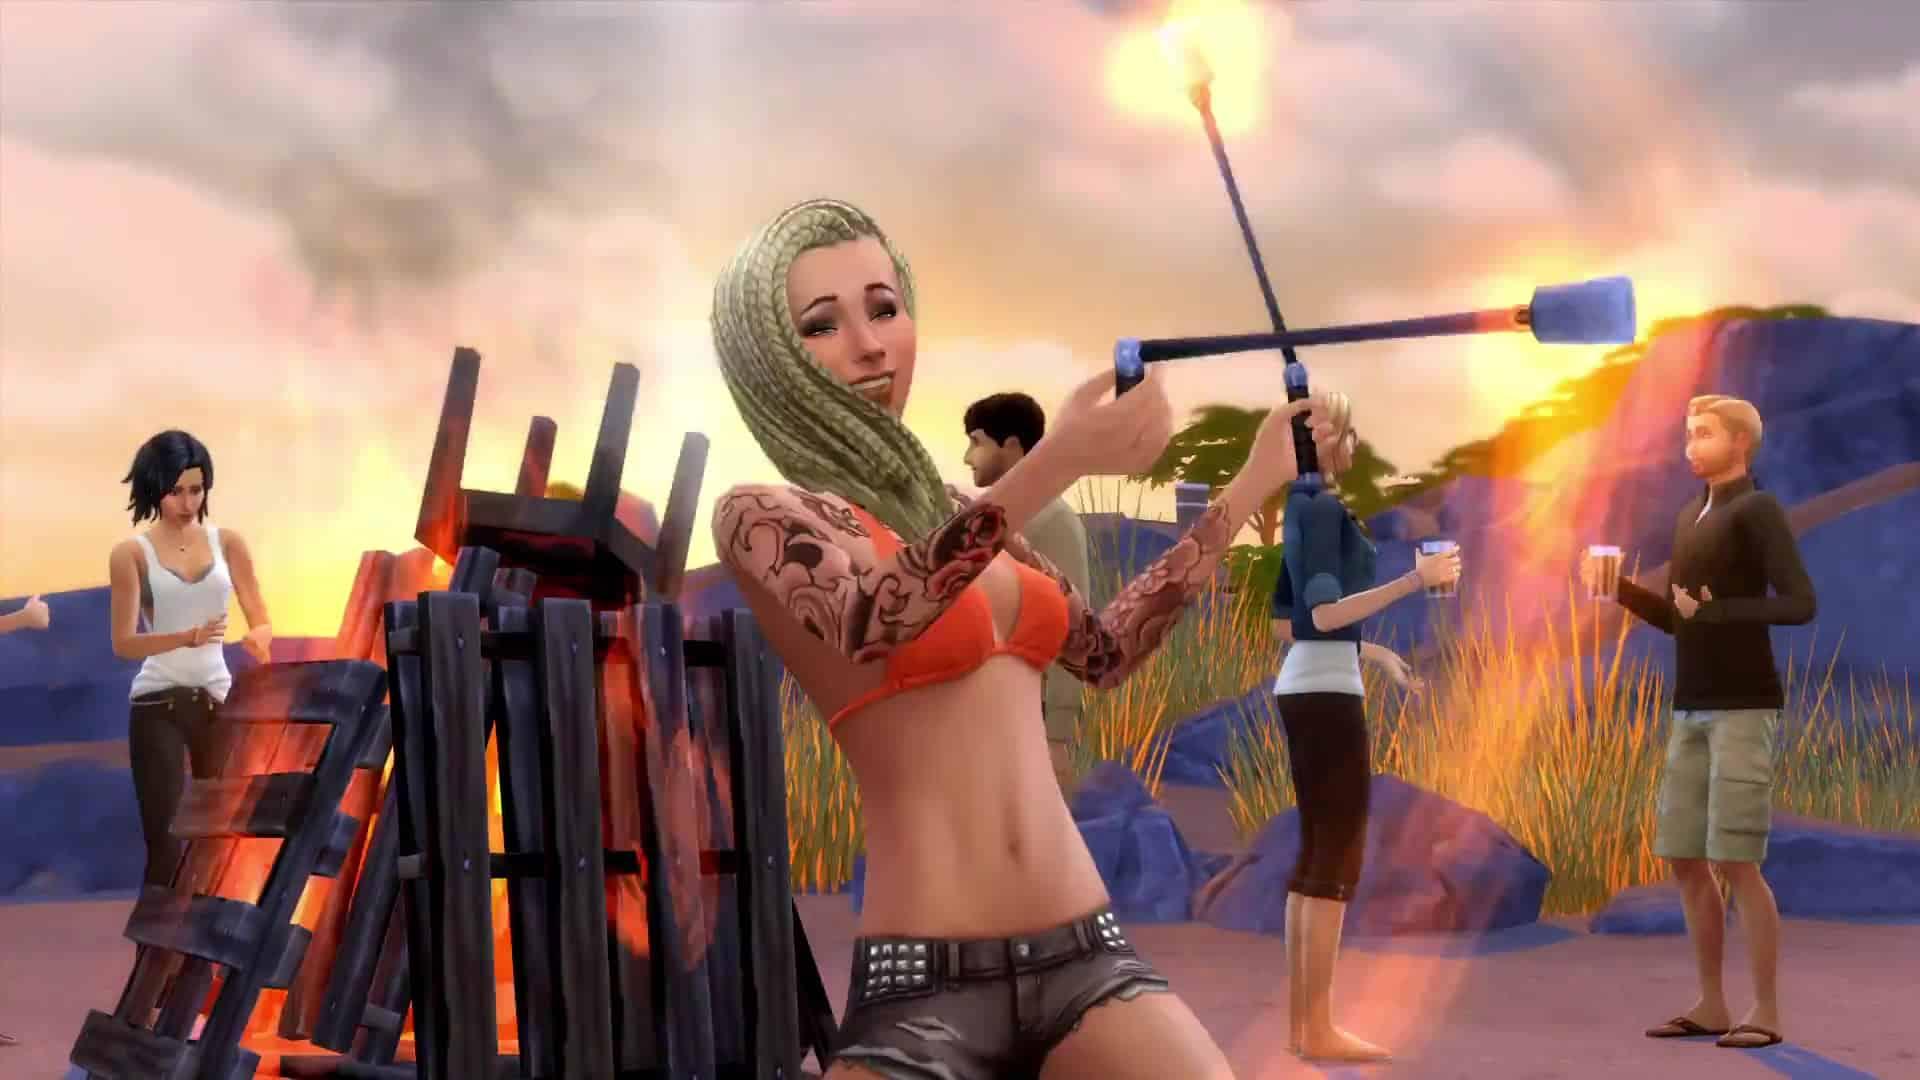 Namco Bandai compte commercialiser une version spéciale de Dragon Ball : Raging Blast pour la sortie du européenne du jeu, prévue à la mi-novembre sur PS3 et Xbox 360.Vendue 70€, cette édition limitée illustrée ci-dessous dans sa version PS…